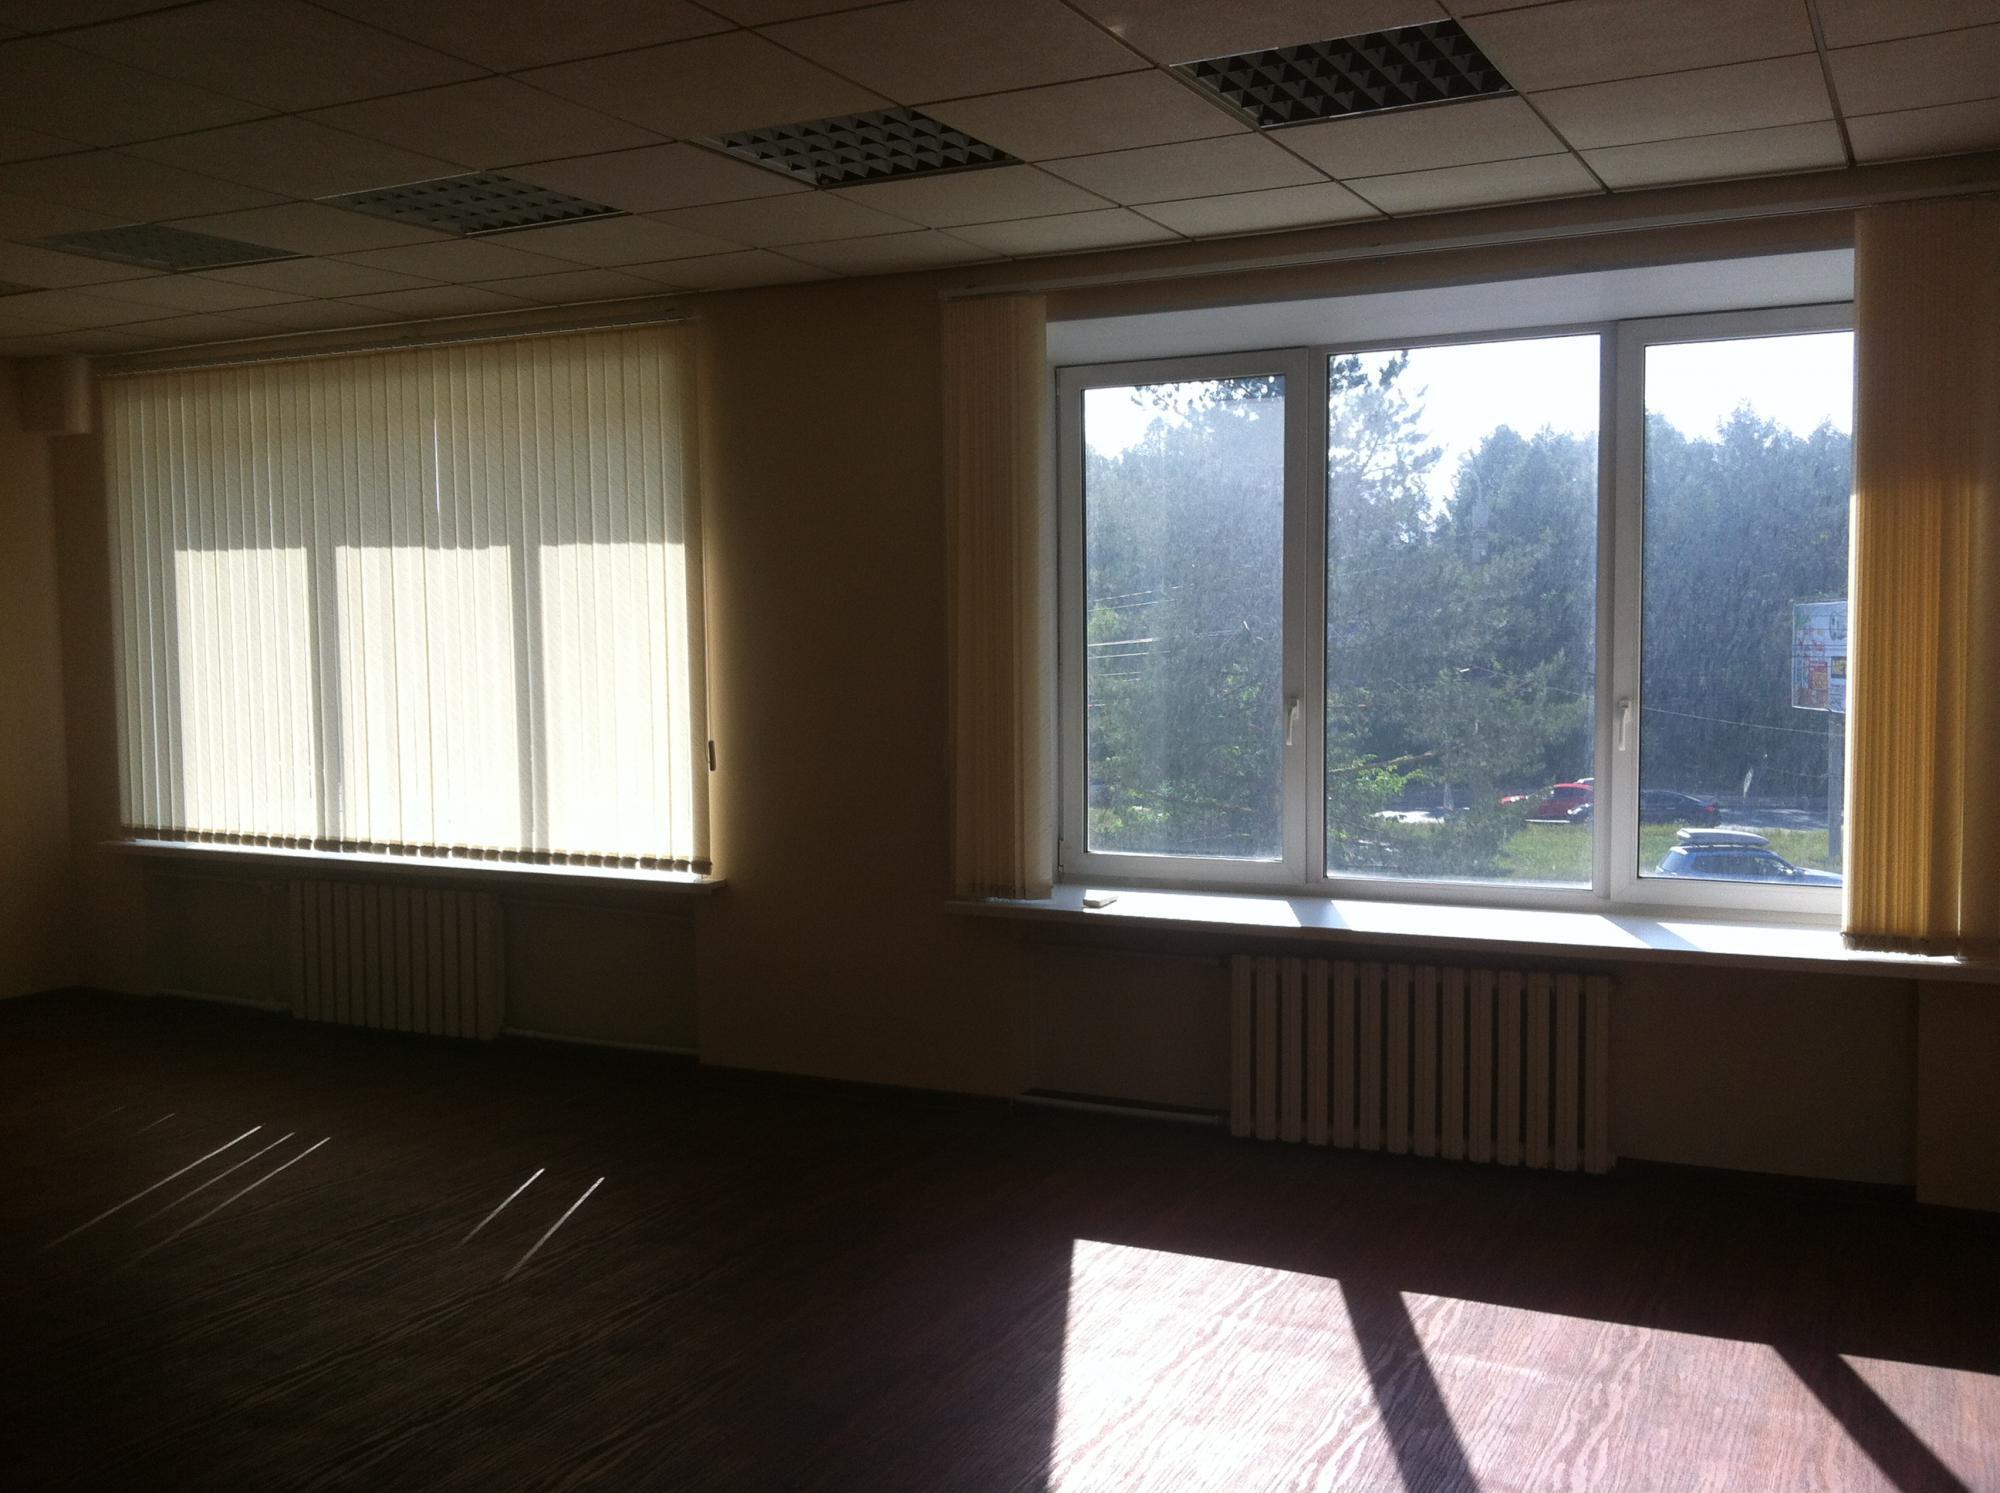 Аренда офисов челябинск советский район аренда офиса в хабаровске с гаражом